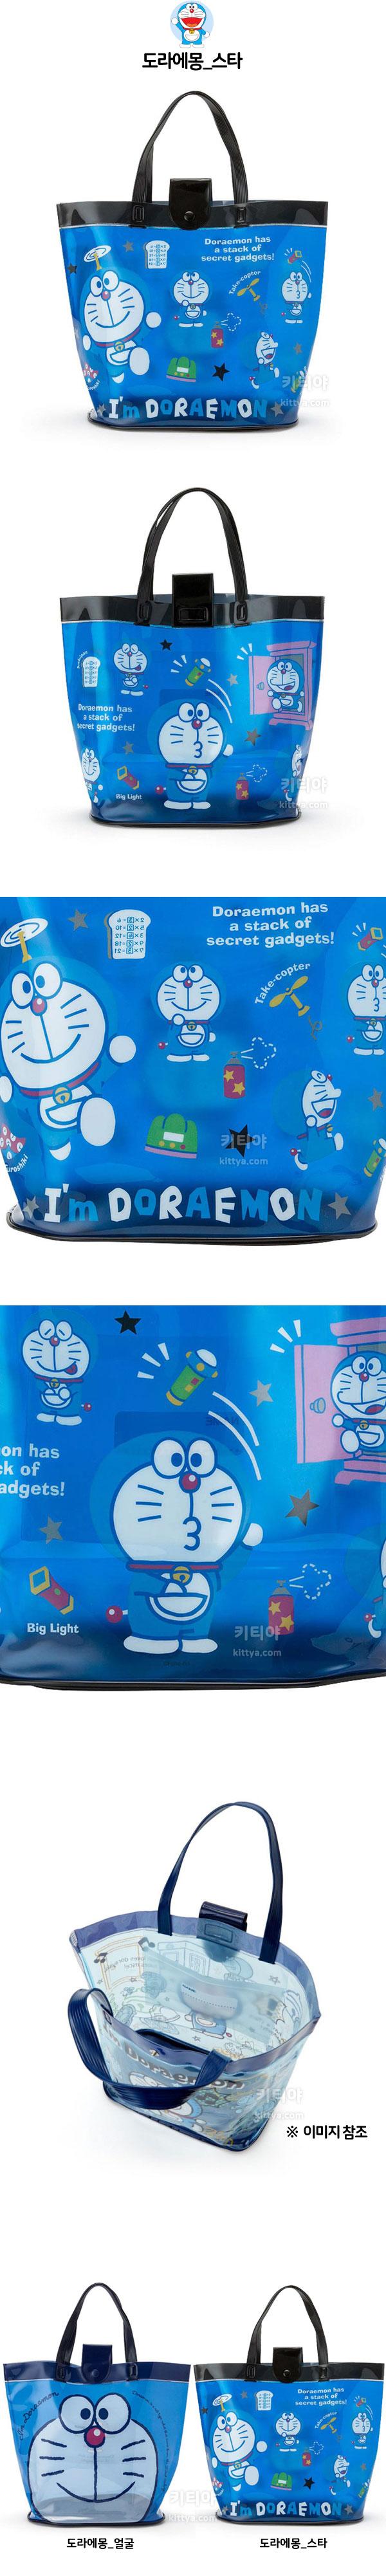 도라에몽 비닐 버킷백 (2design) - 키티야, 18,800원, 토트백, 애나멜/투명 토트백